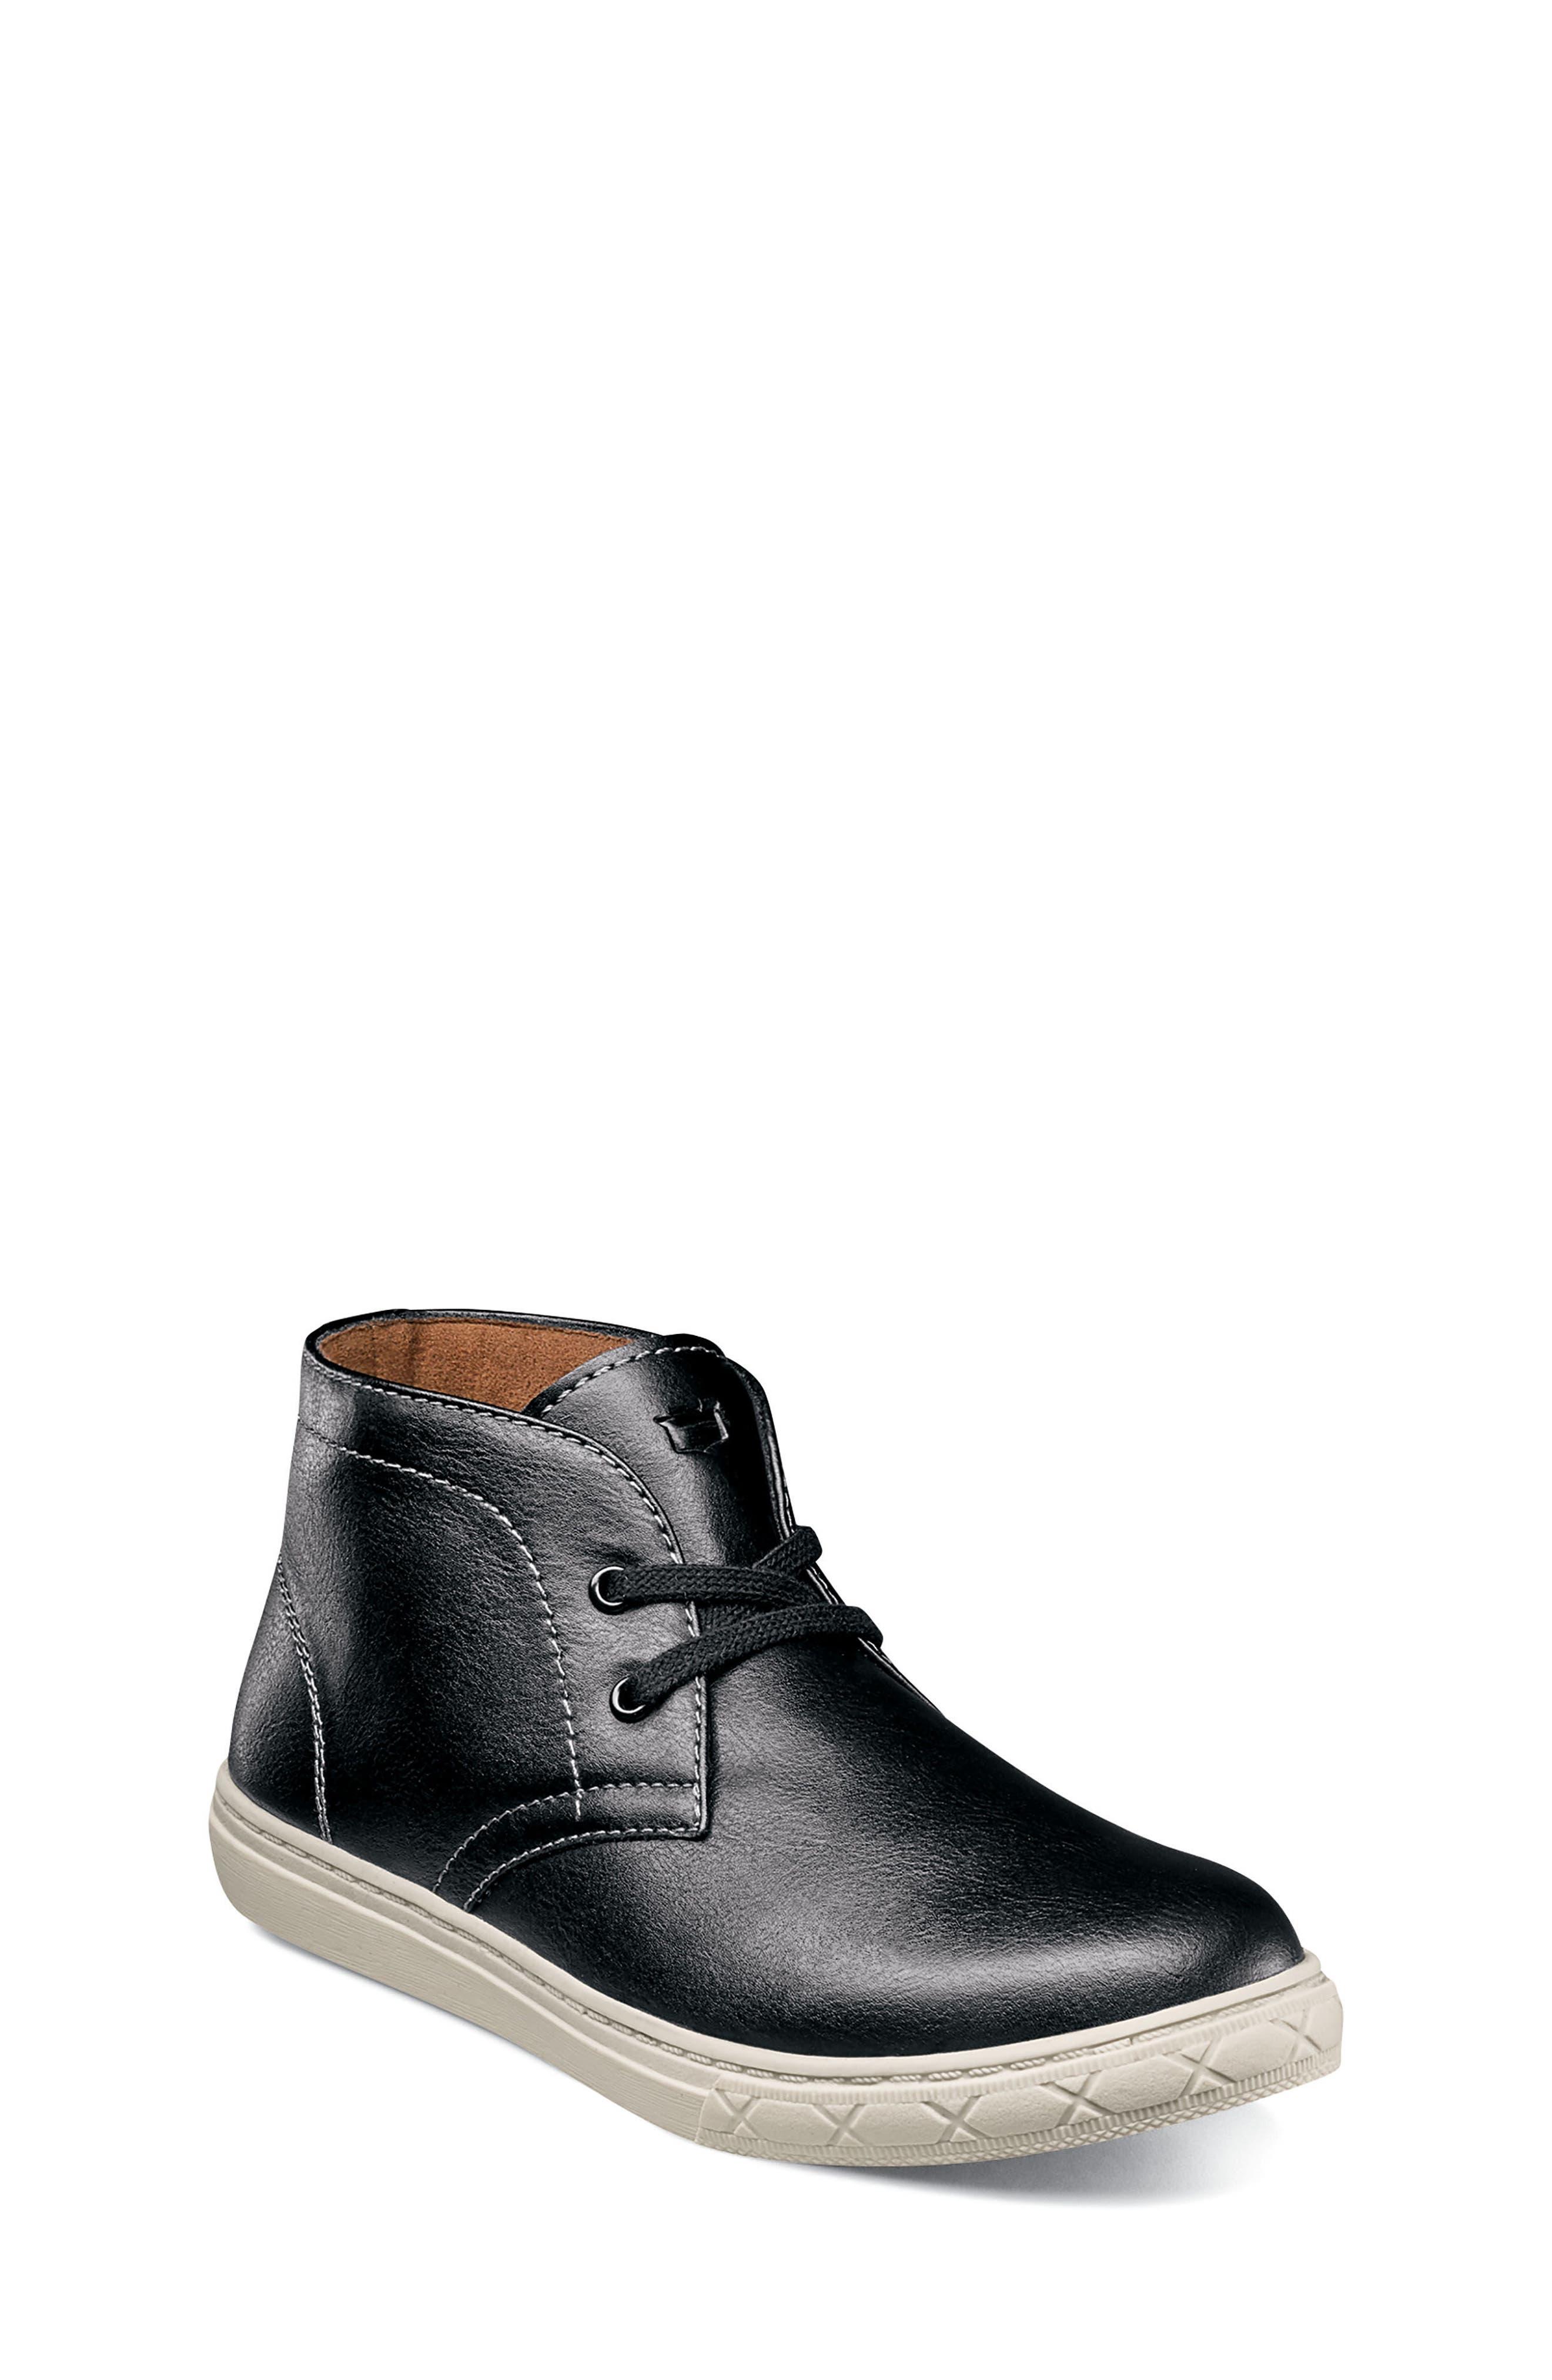 FLORSHEIM, Curb Chukka Sneaker Boot, Main thumbnail 1, color, 001